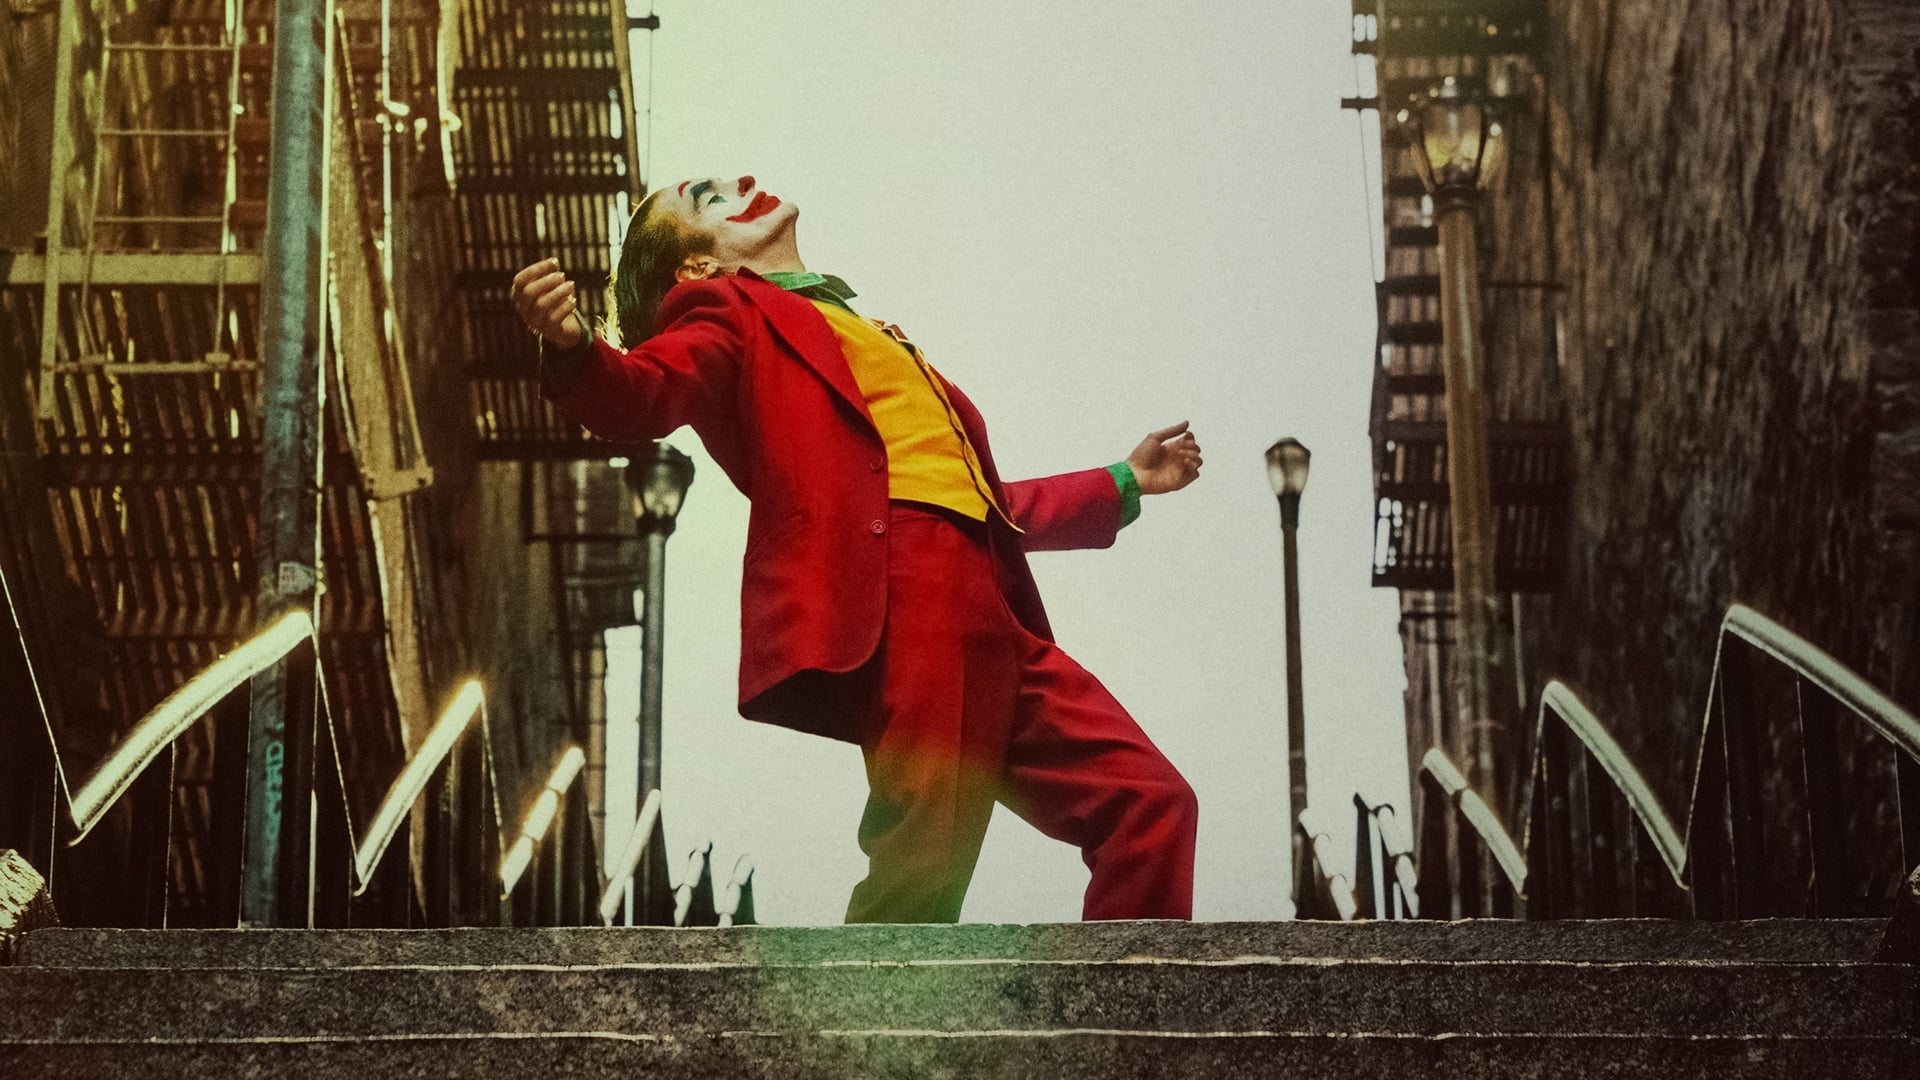 小丑/JOKER小丑 | iMovie4U電影線上看